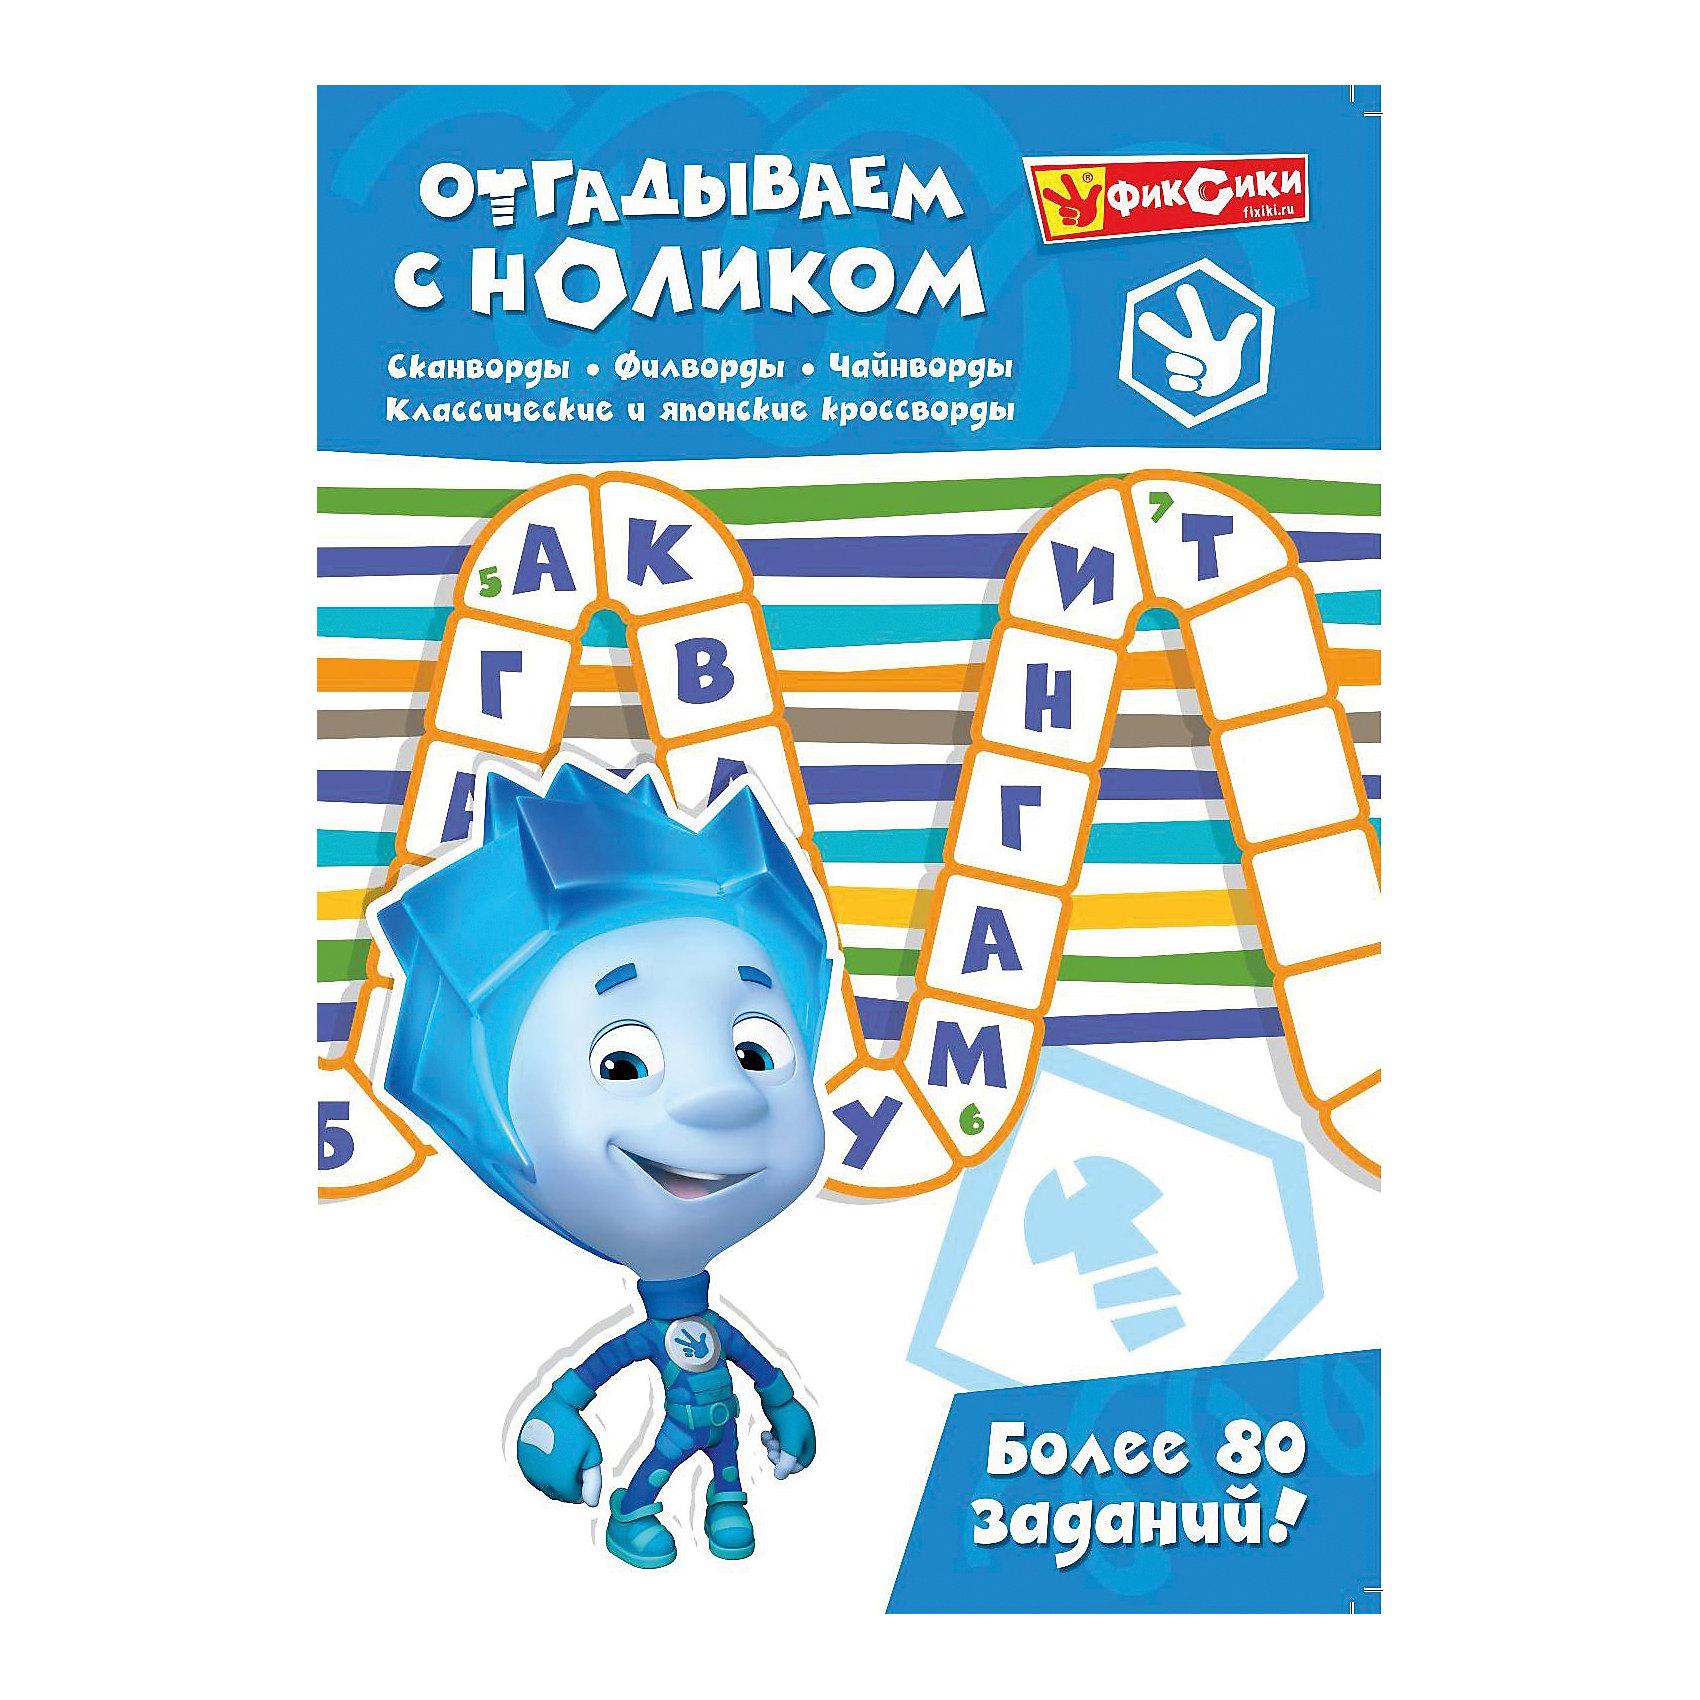 Отгадываем с Ноликом, ФиксикиПопулярные игрушки<br>Отгадываем с Ноликом, Фиксики.<br><br>Характеристики:<br><br>- Производство: Россия, 2016 год.<br>- Бренд: Фиксики.<br>- Формат: книга.<br>- Размеры: 170х243мм.<br>- Количество страниц: 48 страниц.<br>- Вес: 125г.<br><br>Фиксики обожают узнавать что-то новое. И, конечно, любят разгадывать загадки. А это им в жизни приходится делать часто! В этой книжке твои друзья Фиксики собрали свои самые любимые игры со словами. Развлекись на досуге или возьми её с собой в дорогу - и ты сможешь весело провести время и проверить свои знания! Новая познавательная серия кроссвордов и головоломок специально разработана для детей дошкольного и младшего школьного возраста и поможет расширить кругозор и словарный запас, развить наблюдательность, логическое мышление и смекалку.<br><br>Отгадываем с Ноликом, Фиксики, можно купить в нашем интернет – магазине.<br><br>Ширина мм: 175<br>Глубина мм: 5<br>Высота мм: 250<br>Вес г: 100<br>Возраст от месяцев: 36<br>Возраст до месяцев: 108<br>Пол: Унисекс<br>Возраст: Детский<br>SKU: 5388970